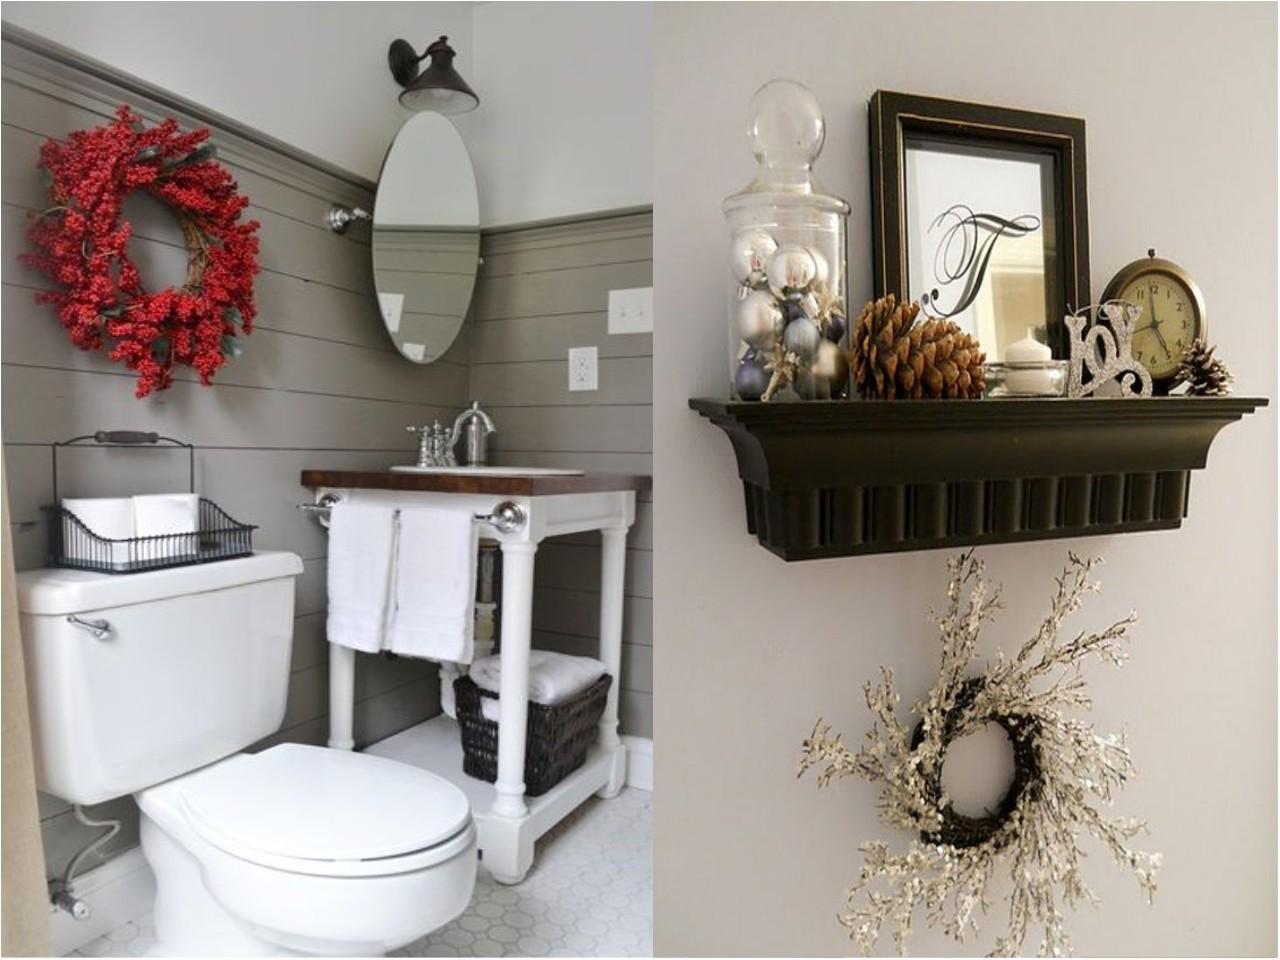 Decoracion Baños Corona:La decoración navideña para baños también existe